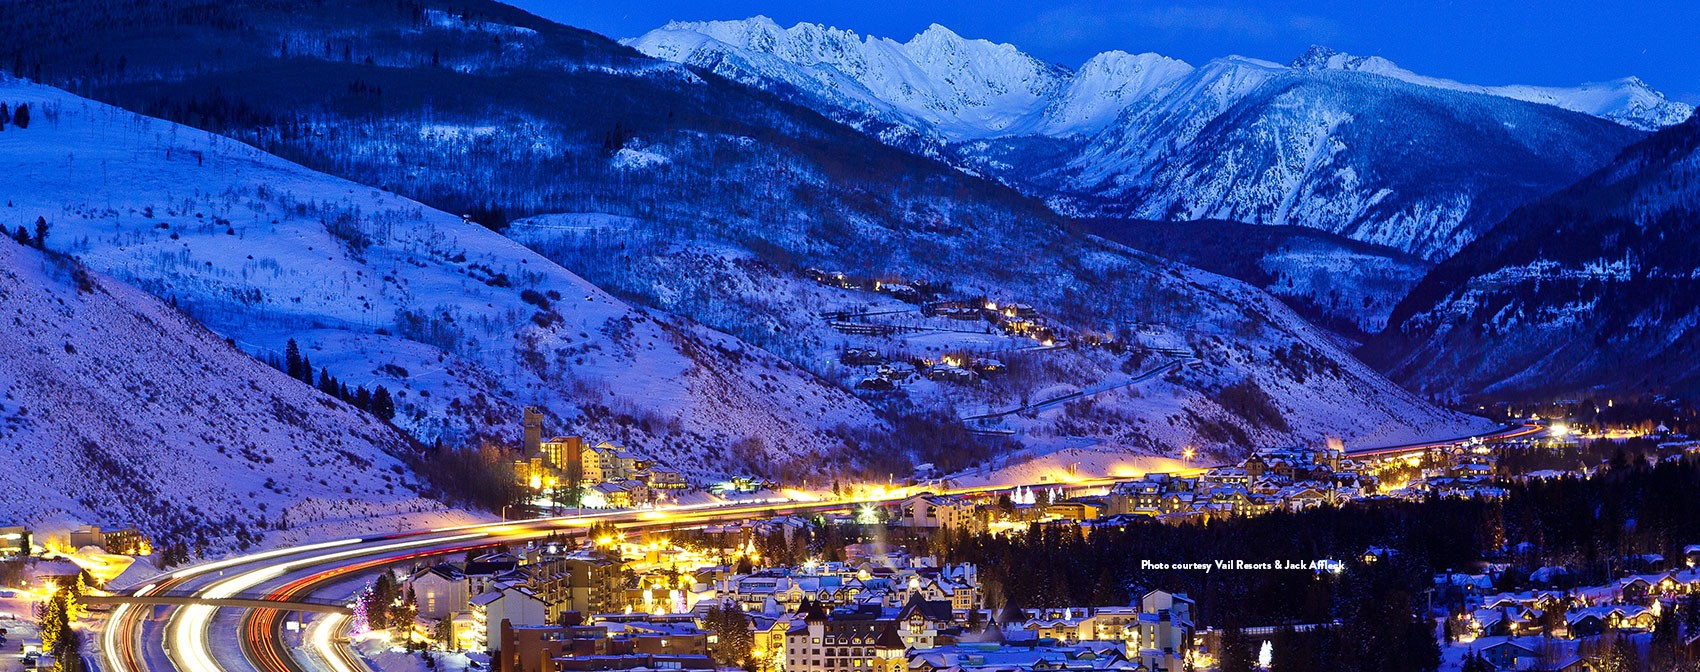 Antlers At Vail Hotel & Condos Vail Colorado Vacations